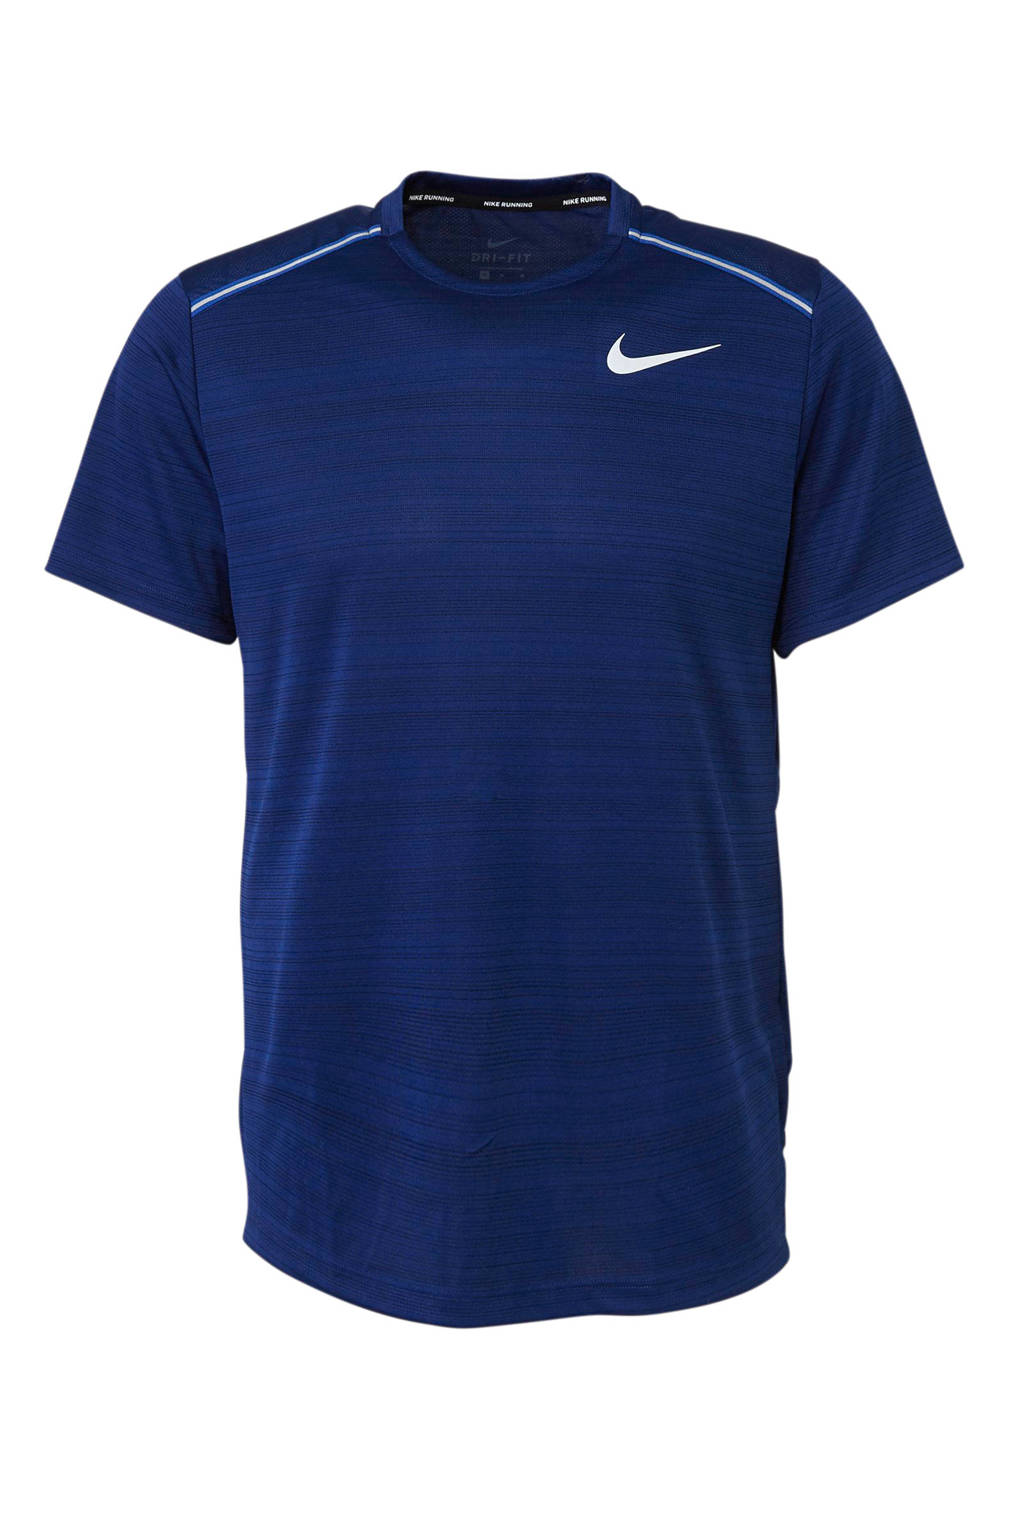 Nike   sport T-shirt donkerblauw, Donkerblauw